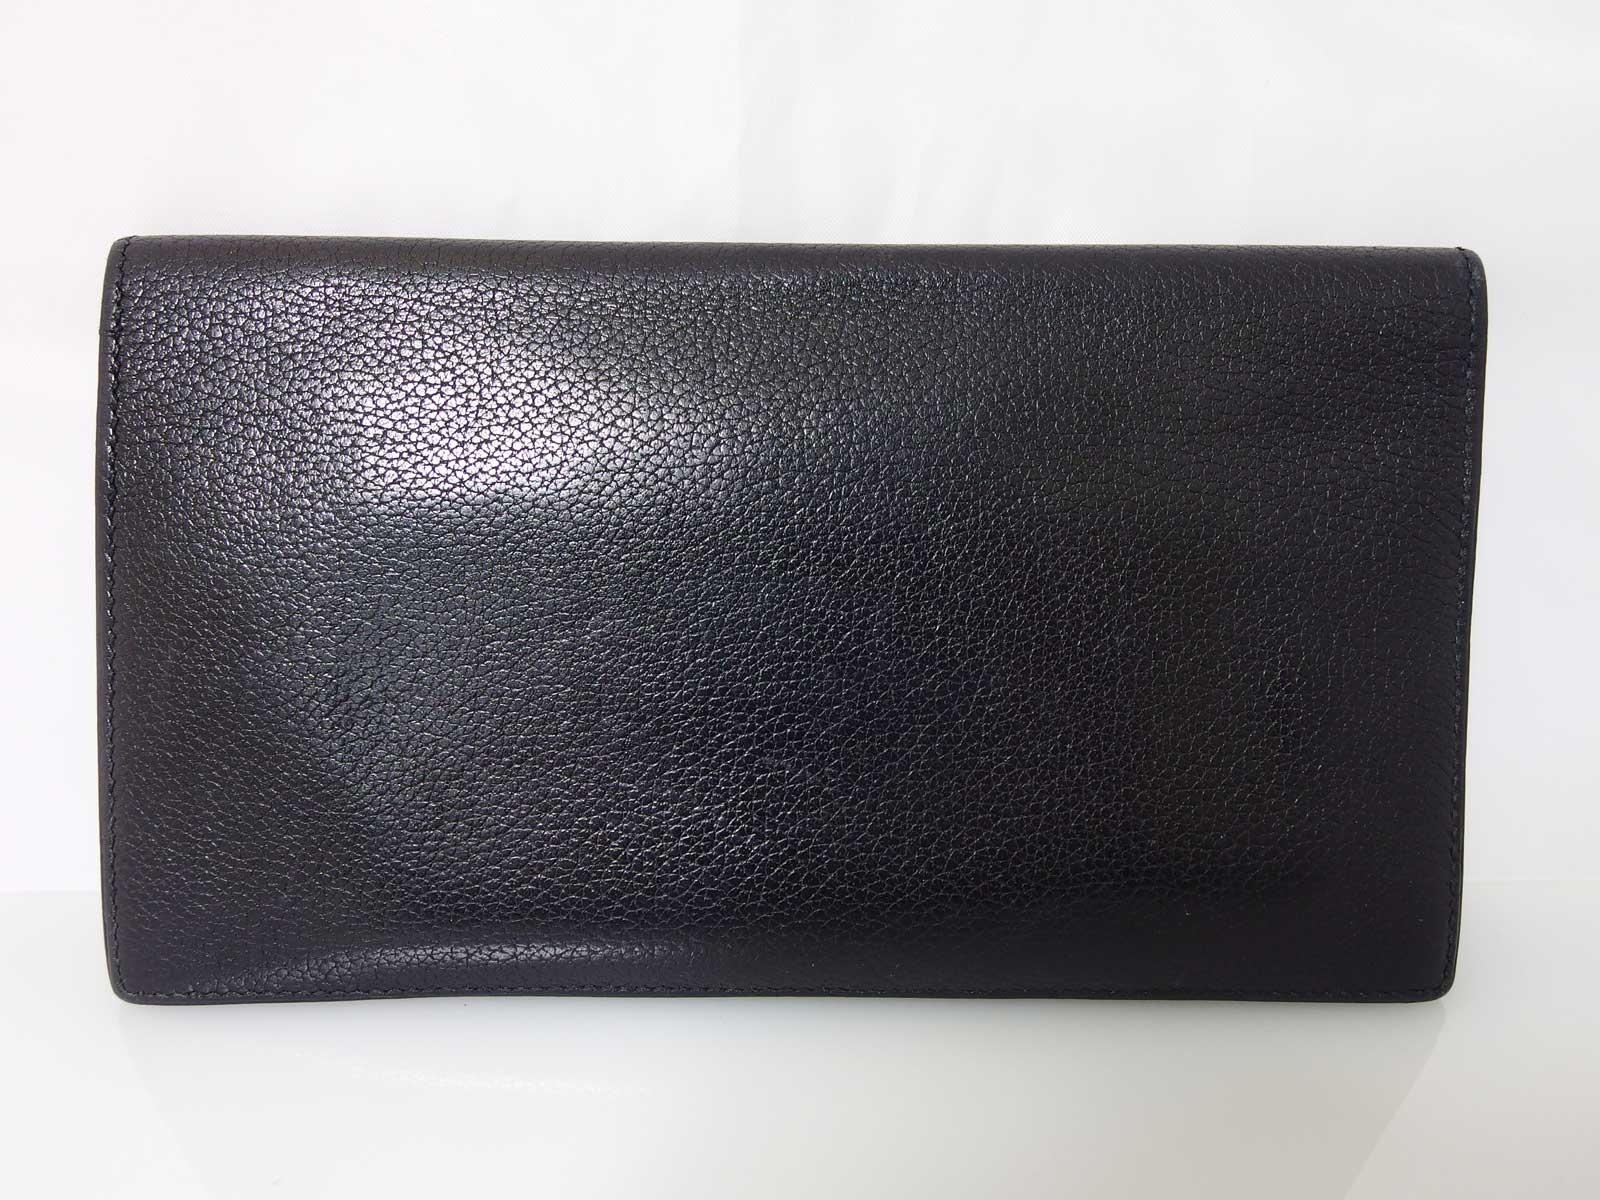 (1323) 【エルメス】 エルメス HERMES 二つ折り長札入れ ブラック メンズ [財布] 【中古】